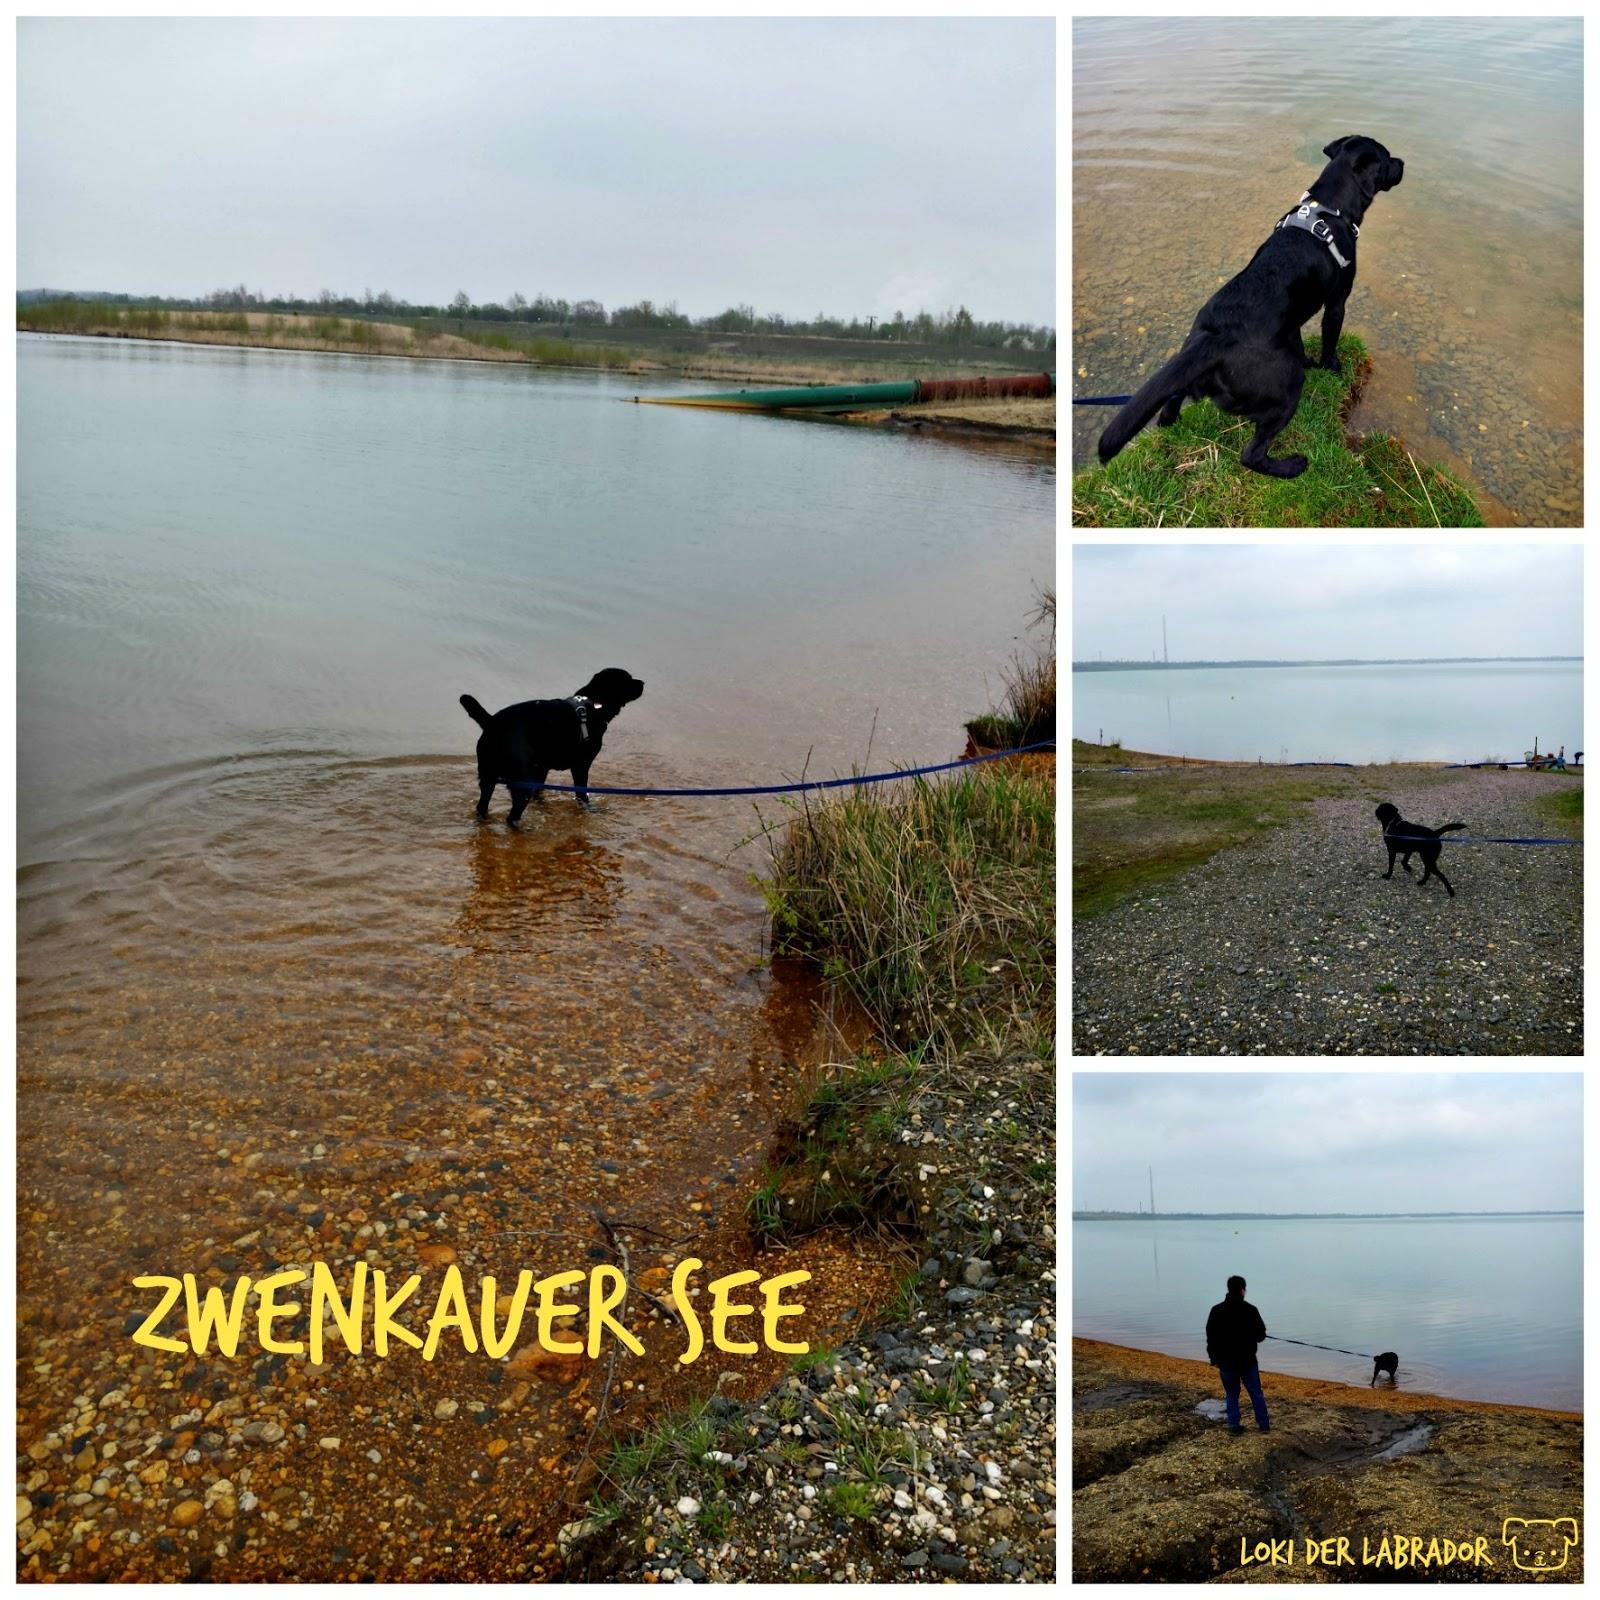 Zwenkauer See Schwarzer Labrador